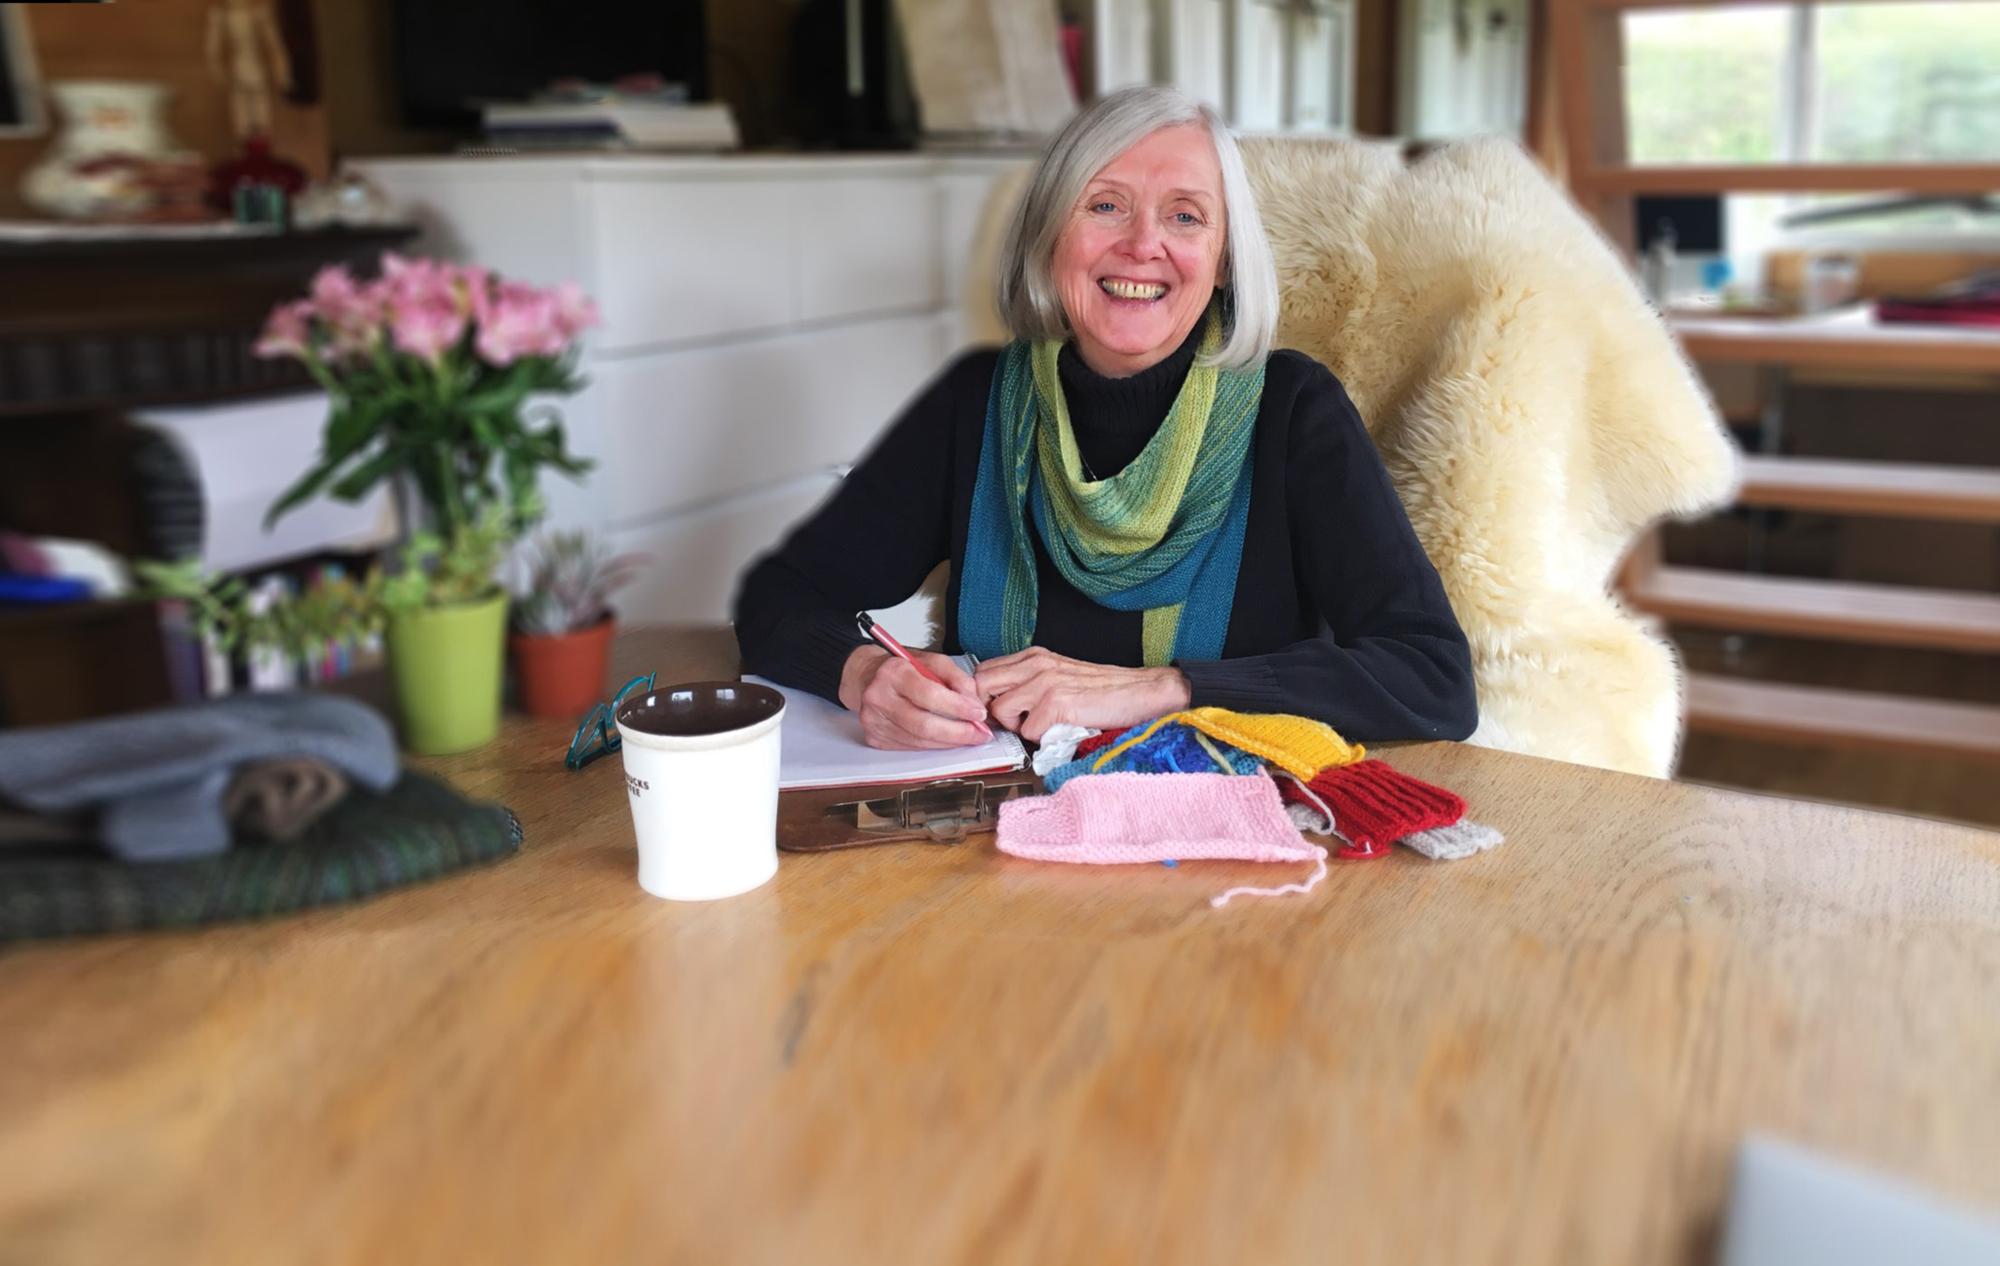 Cheryl Brunette